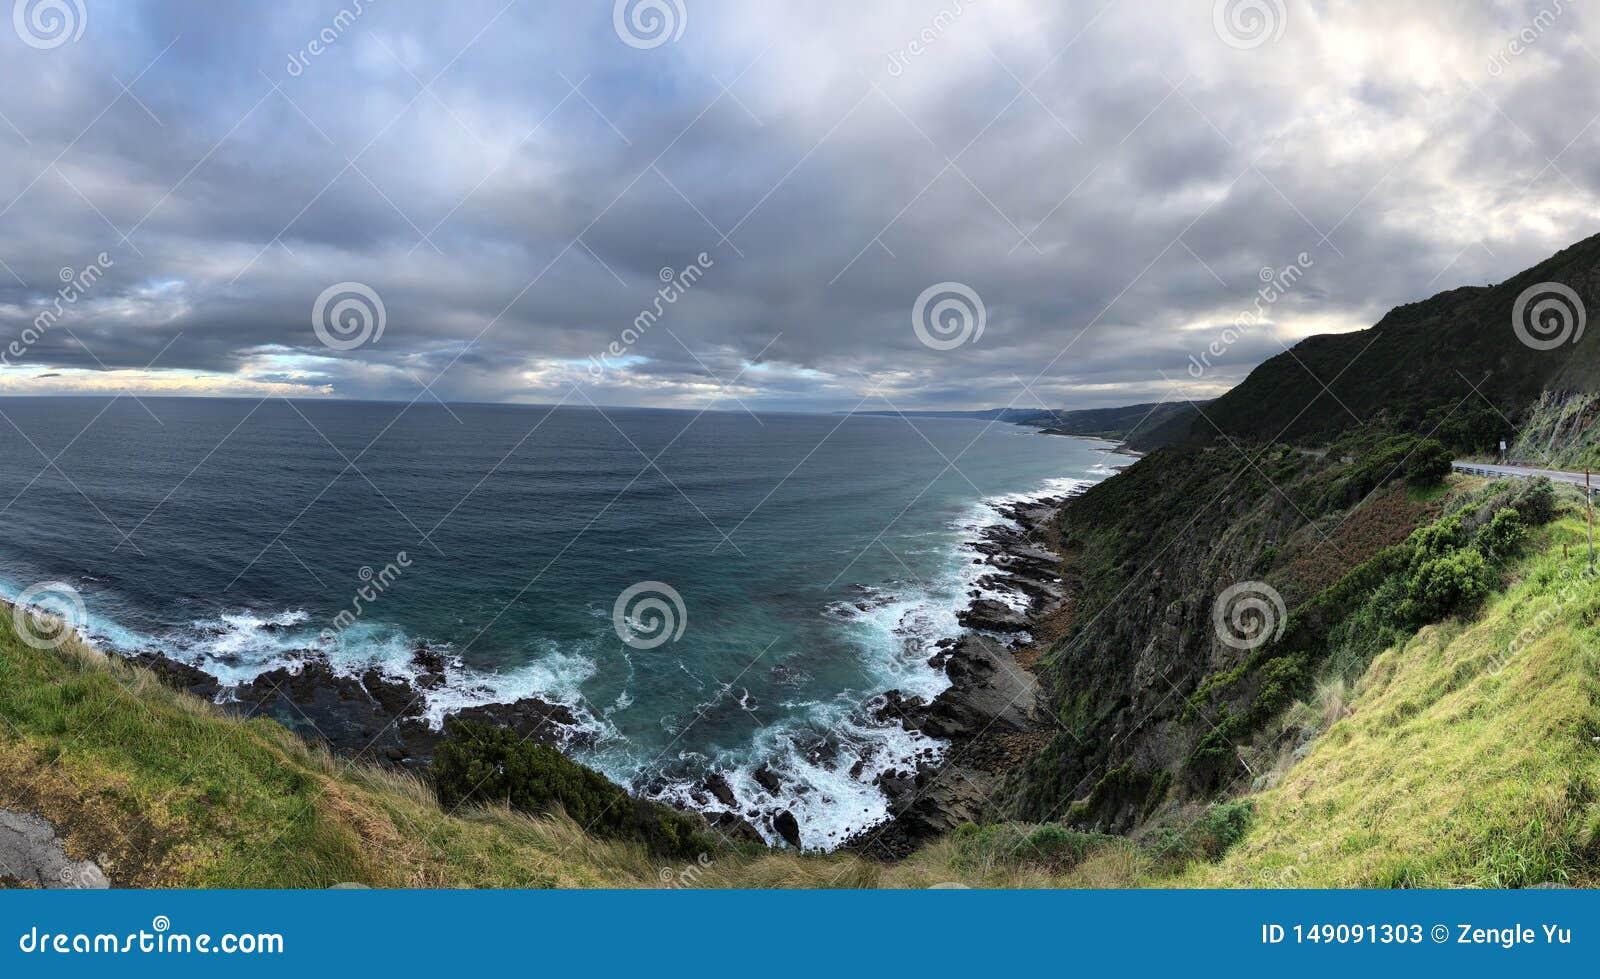 Голубое небо, белый прибой, скалистое побережье, белые облака